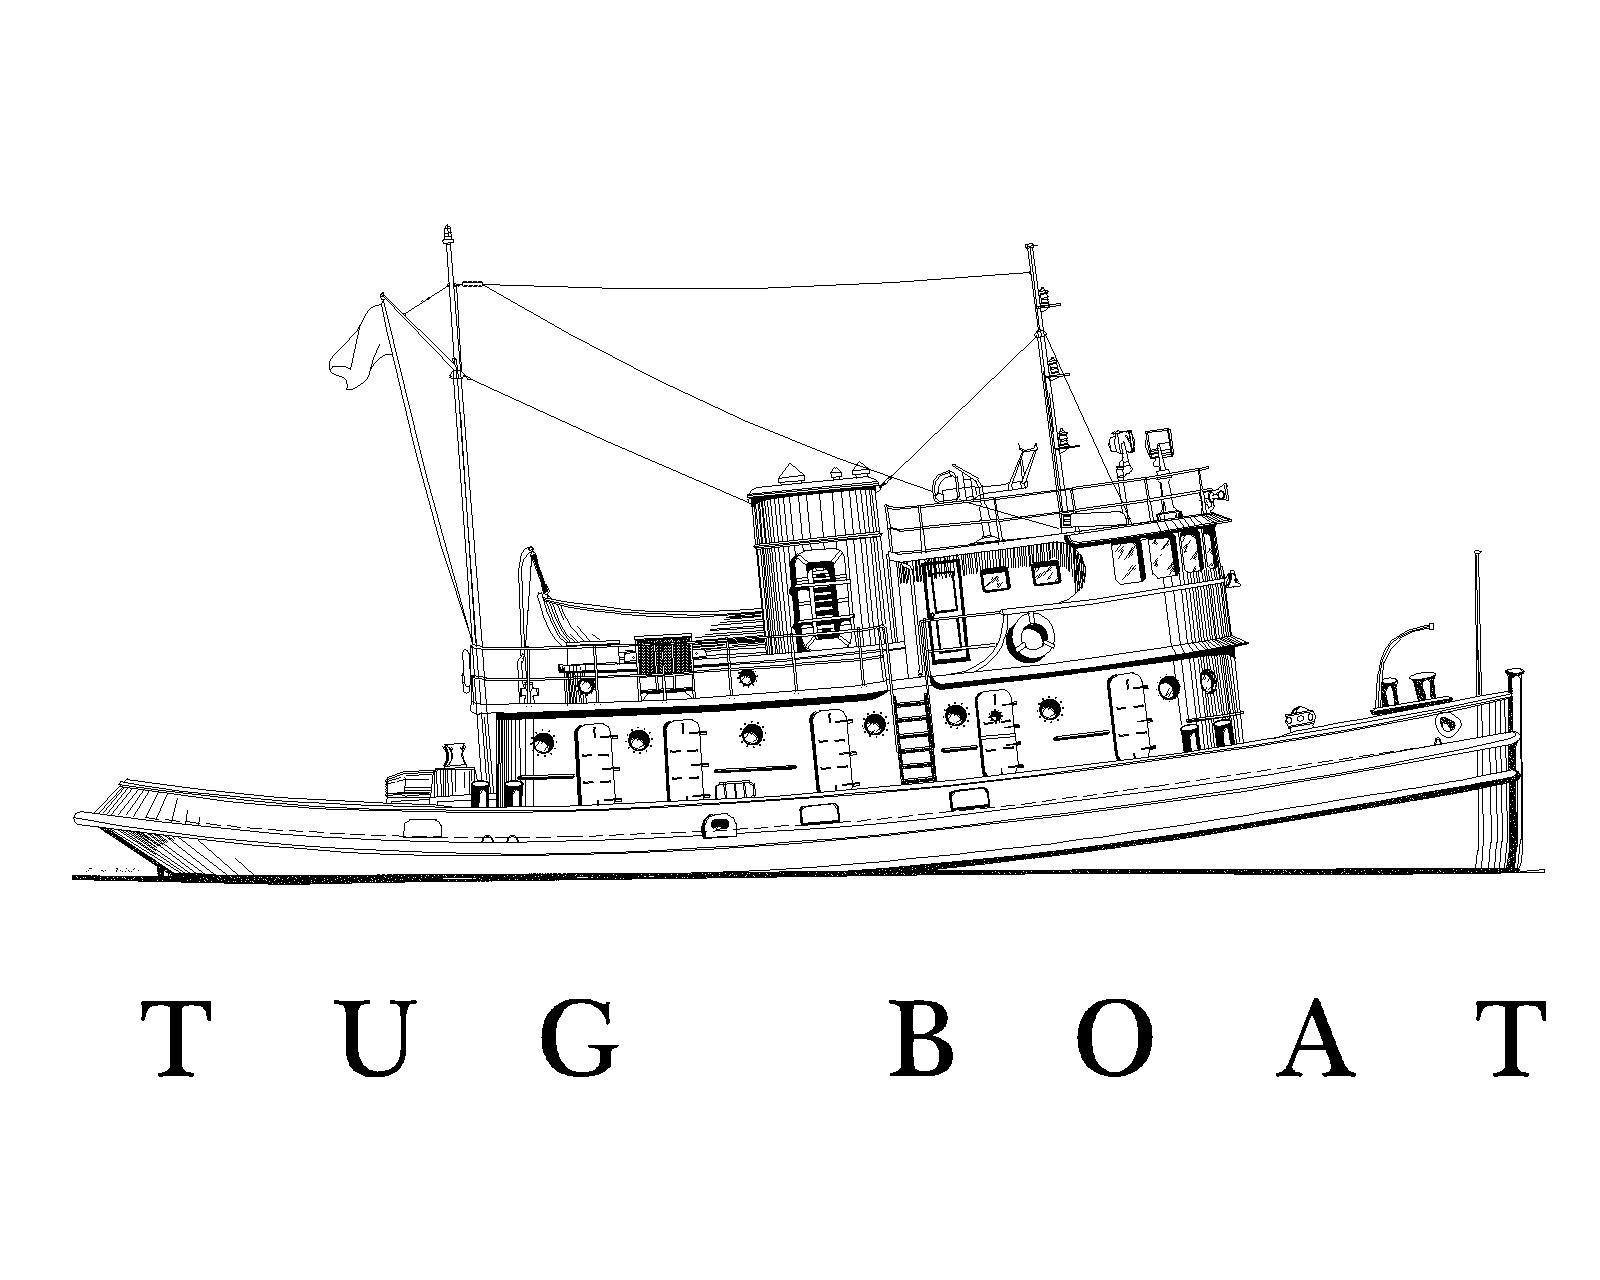 Us Army Tugboat St Wwii Era